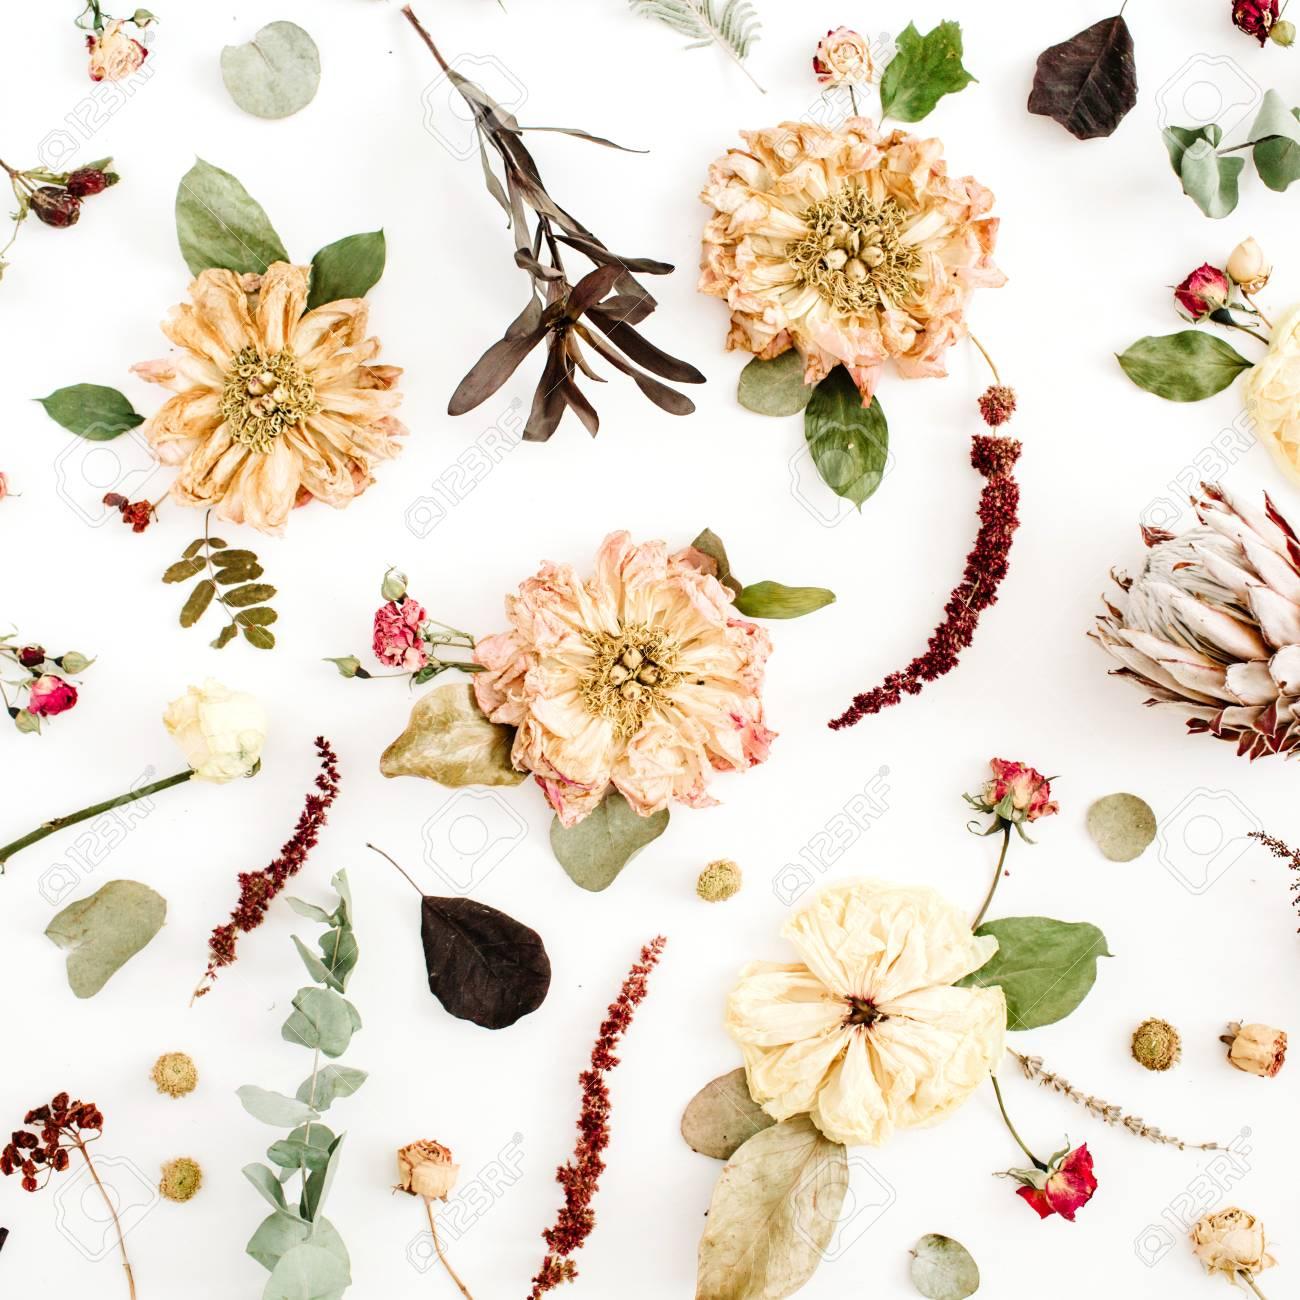 Fondo De Flores Secas: Peonía Beige, Protea, Ramas De Eucalipto ...